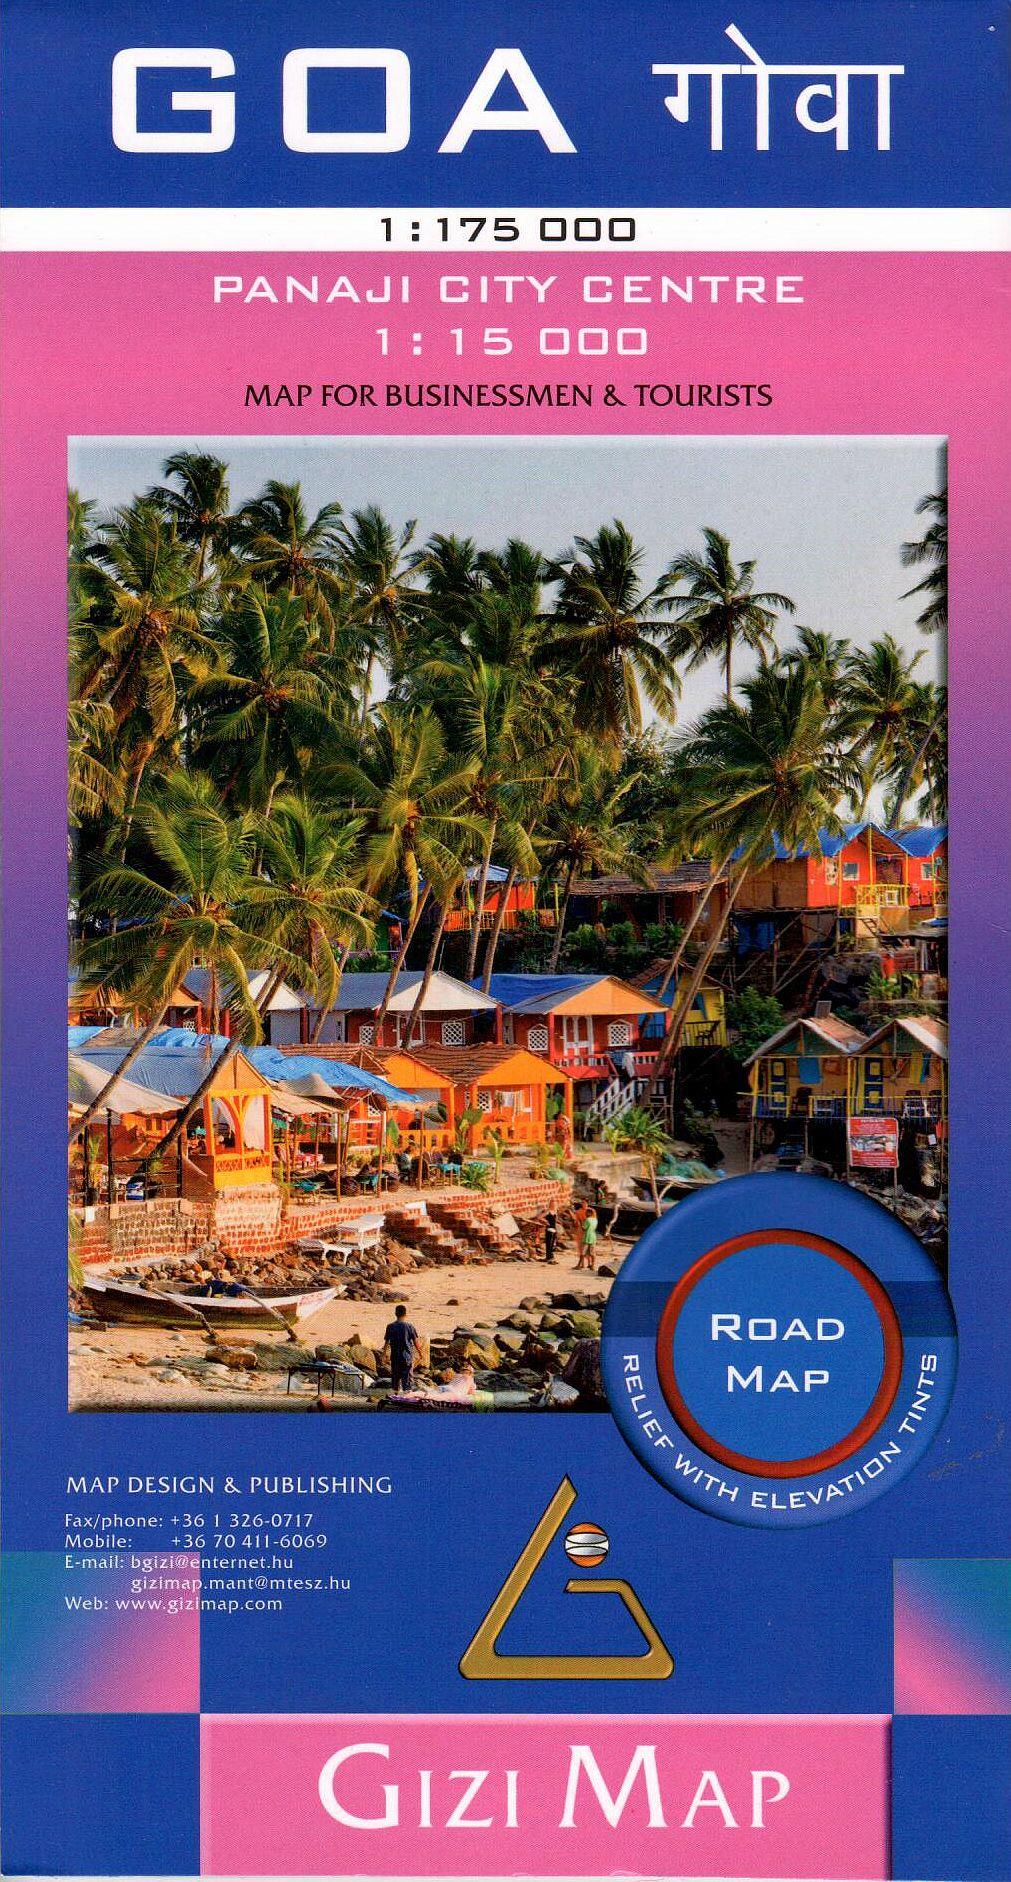 Goa általános földrajzi térképe autós és turista információkkal, névmutatóva